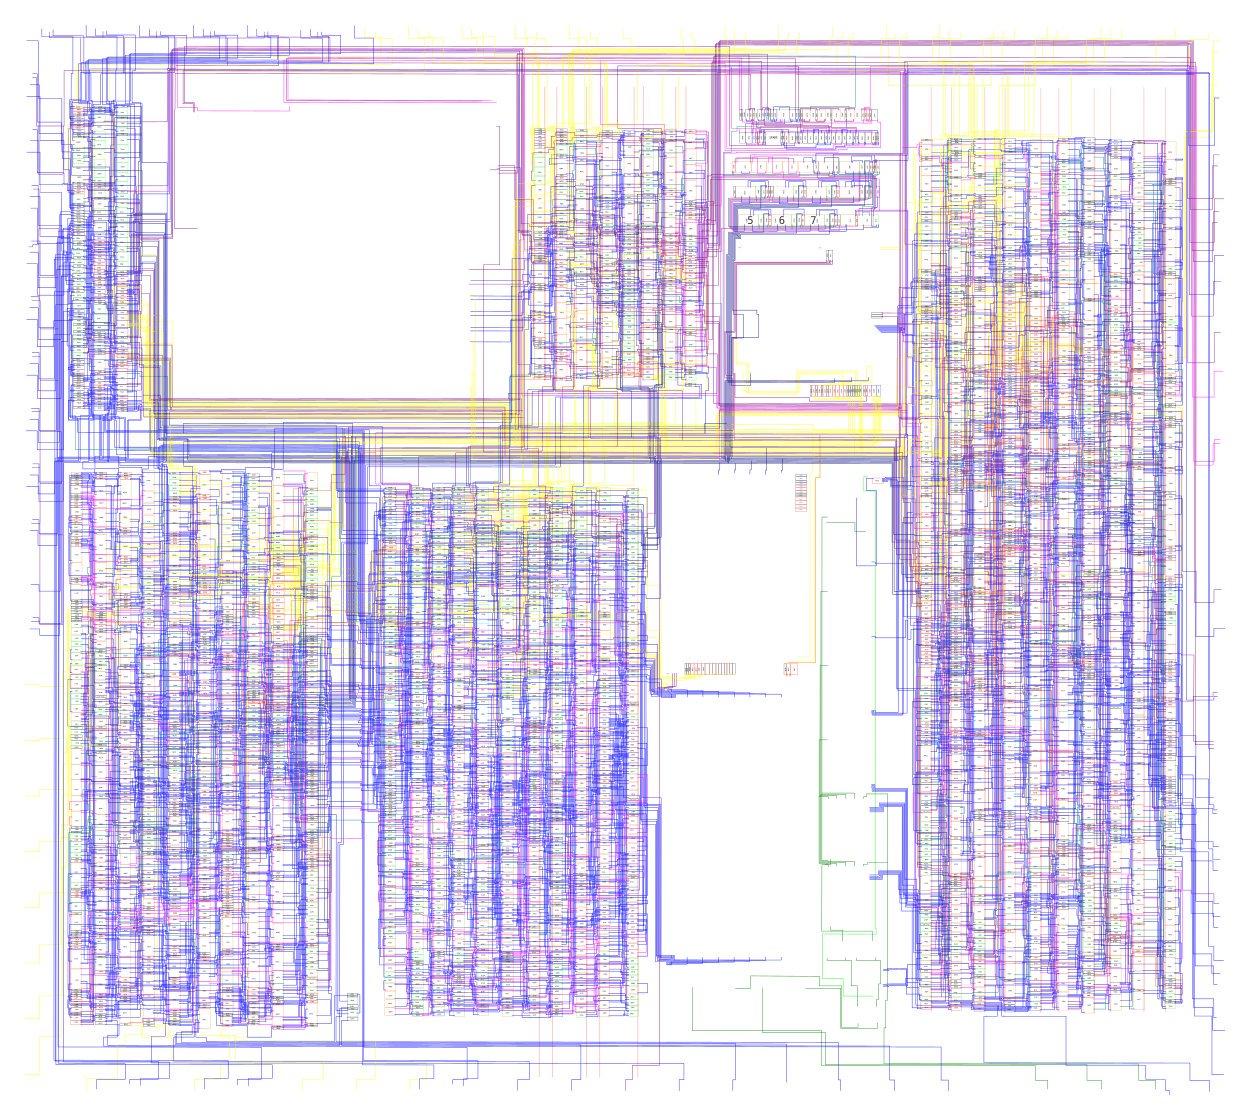 Reverse-engineered schematics for the original Game Boy by Furrtek